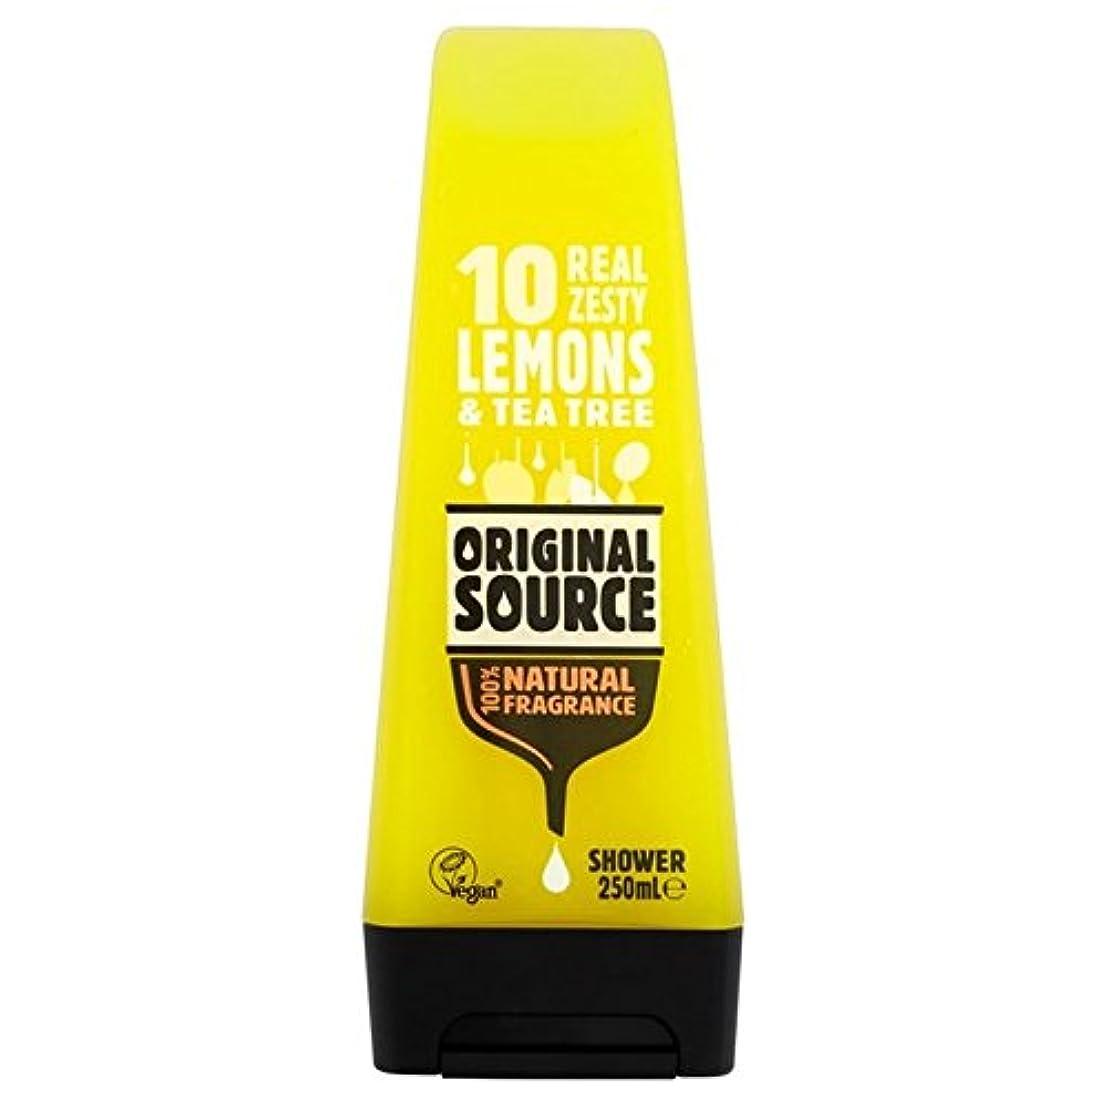 助手悪の別に元のソースのレモンシャワージェル250ミリリットル x4 - Original Source Lemon Shower Gel 250ml (Pack of 4) [並行輸入品]